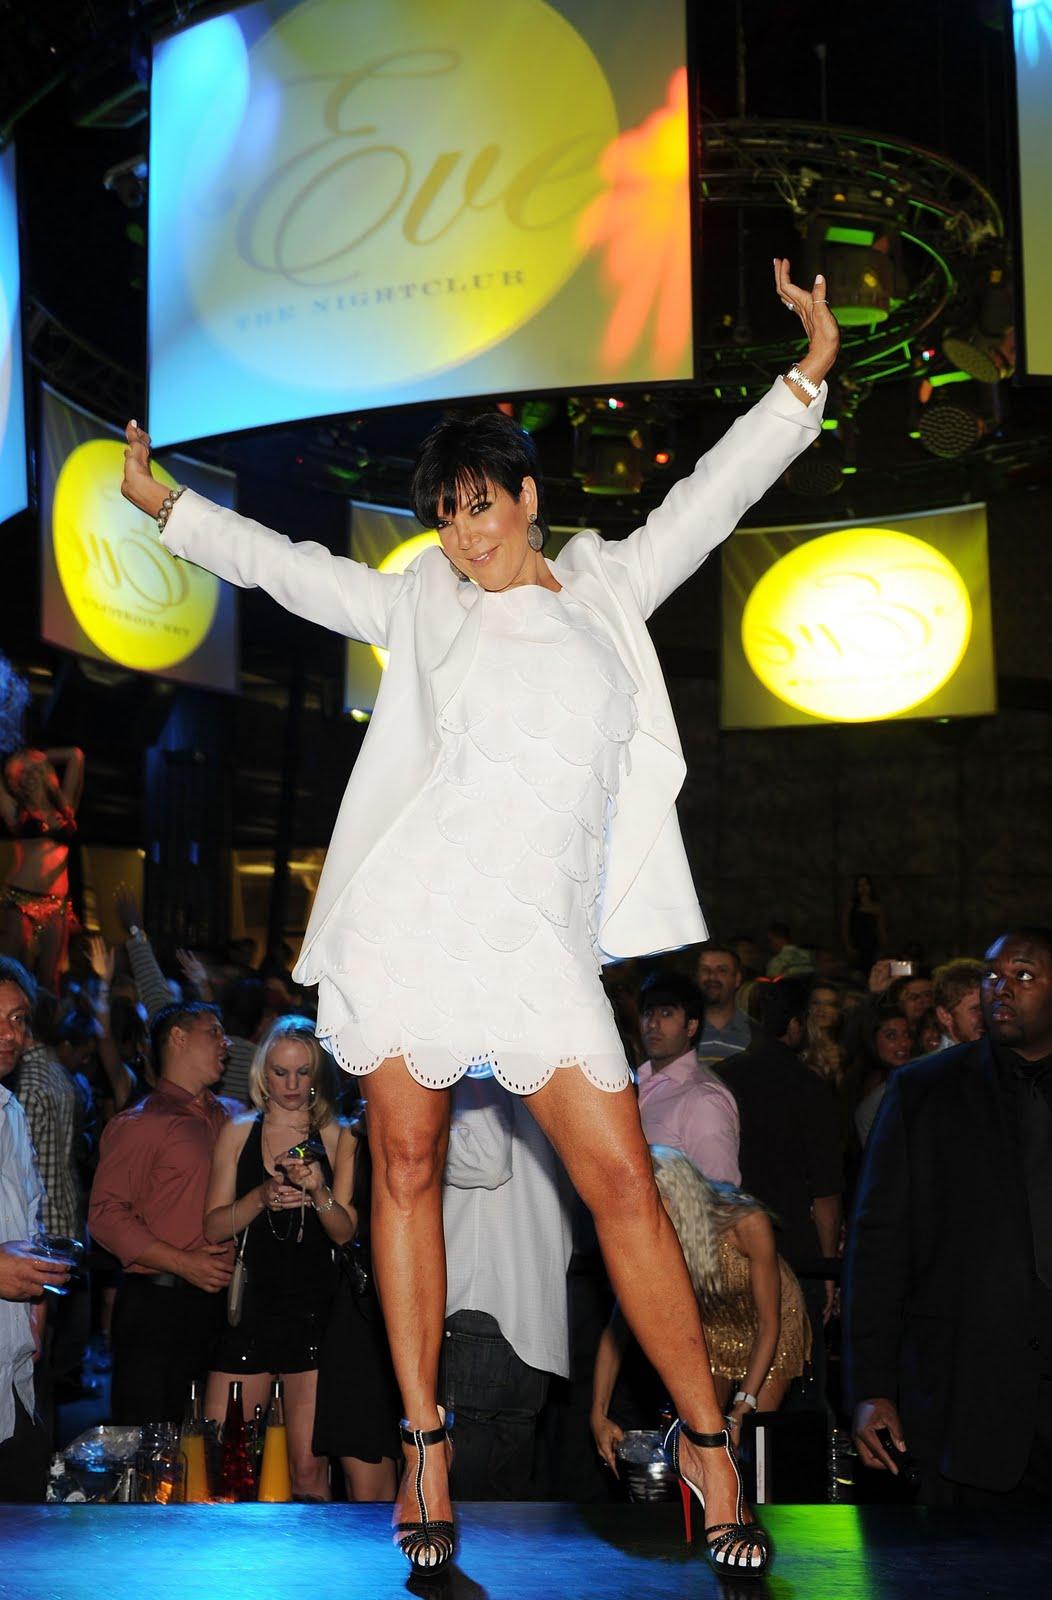 http://1.bp.blogspot.com/_4KxmFp2OOHI/S-jiA6s3gPI/AAAAAAAAKGI/pZ3fakZ5XQ8/s1600/Jenner+at+Eve.jpg